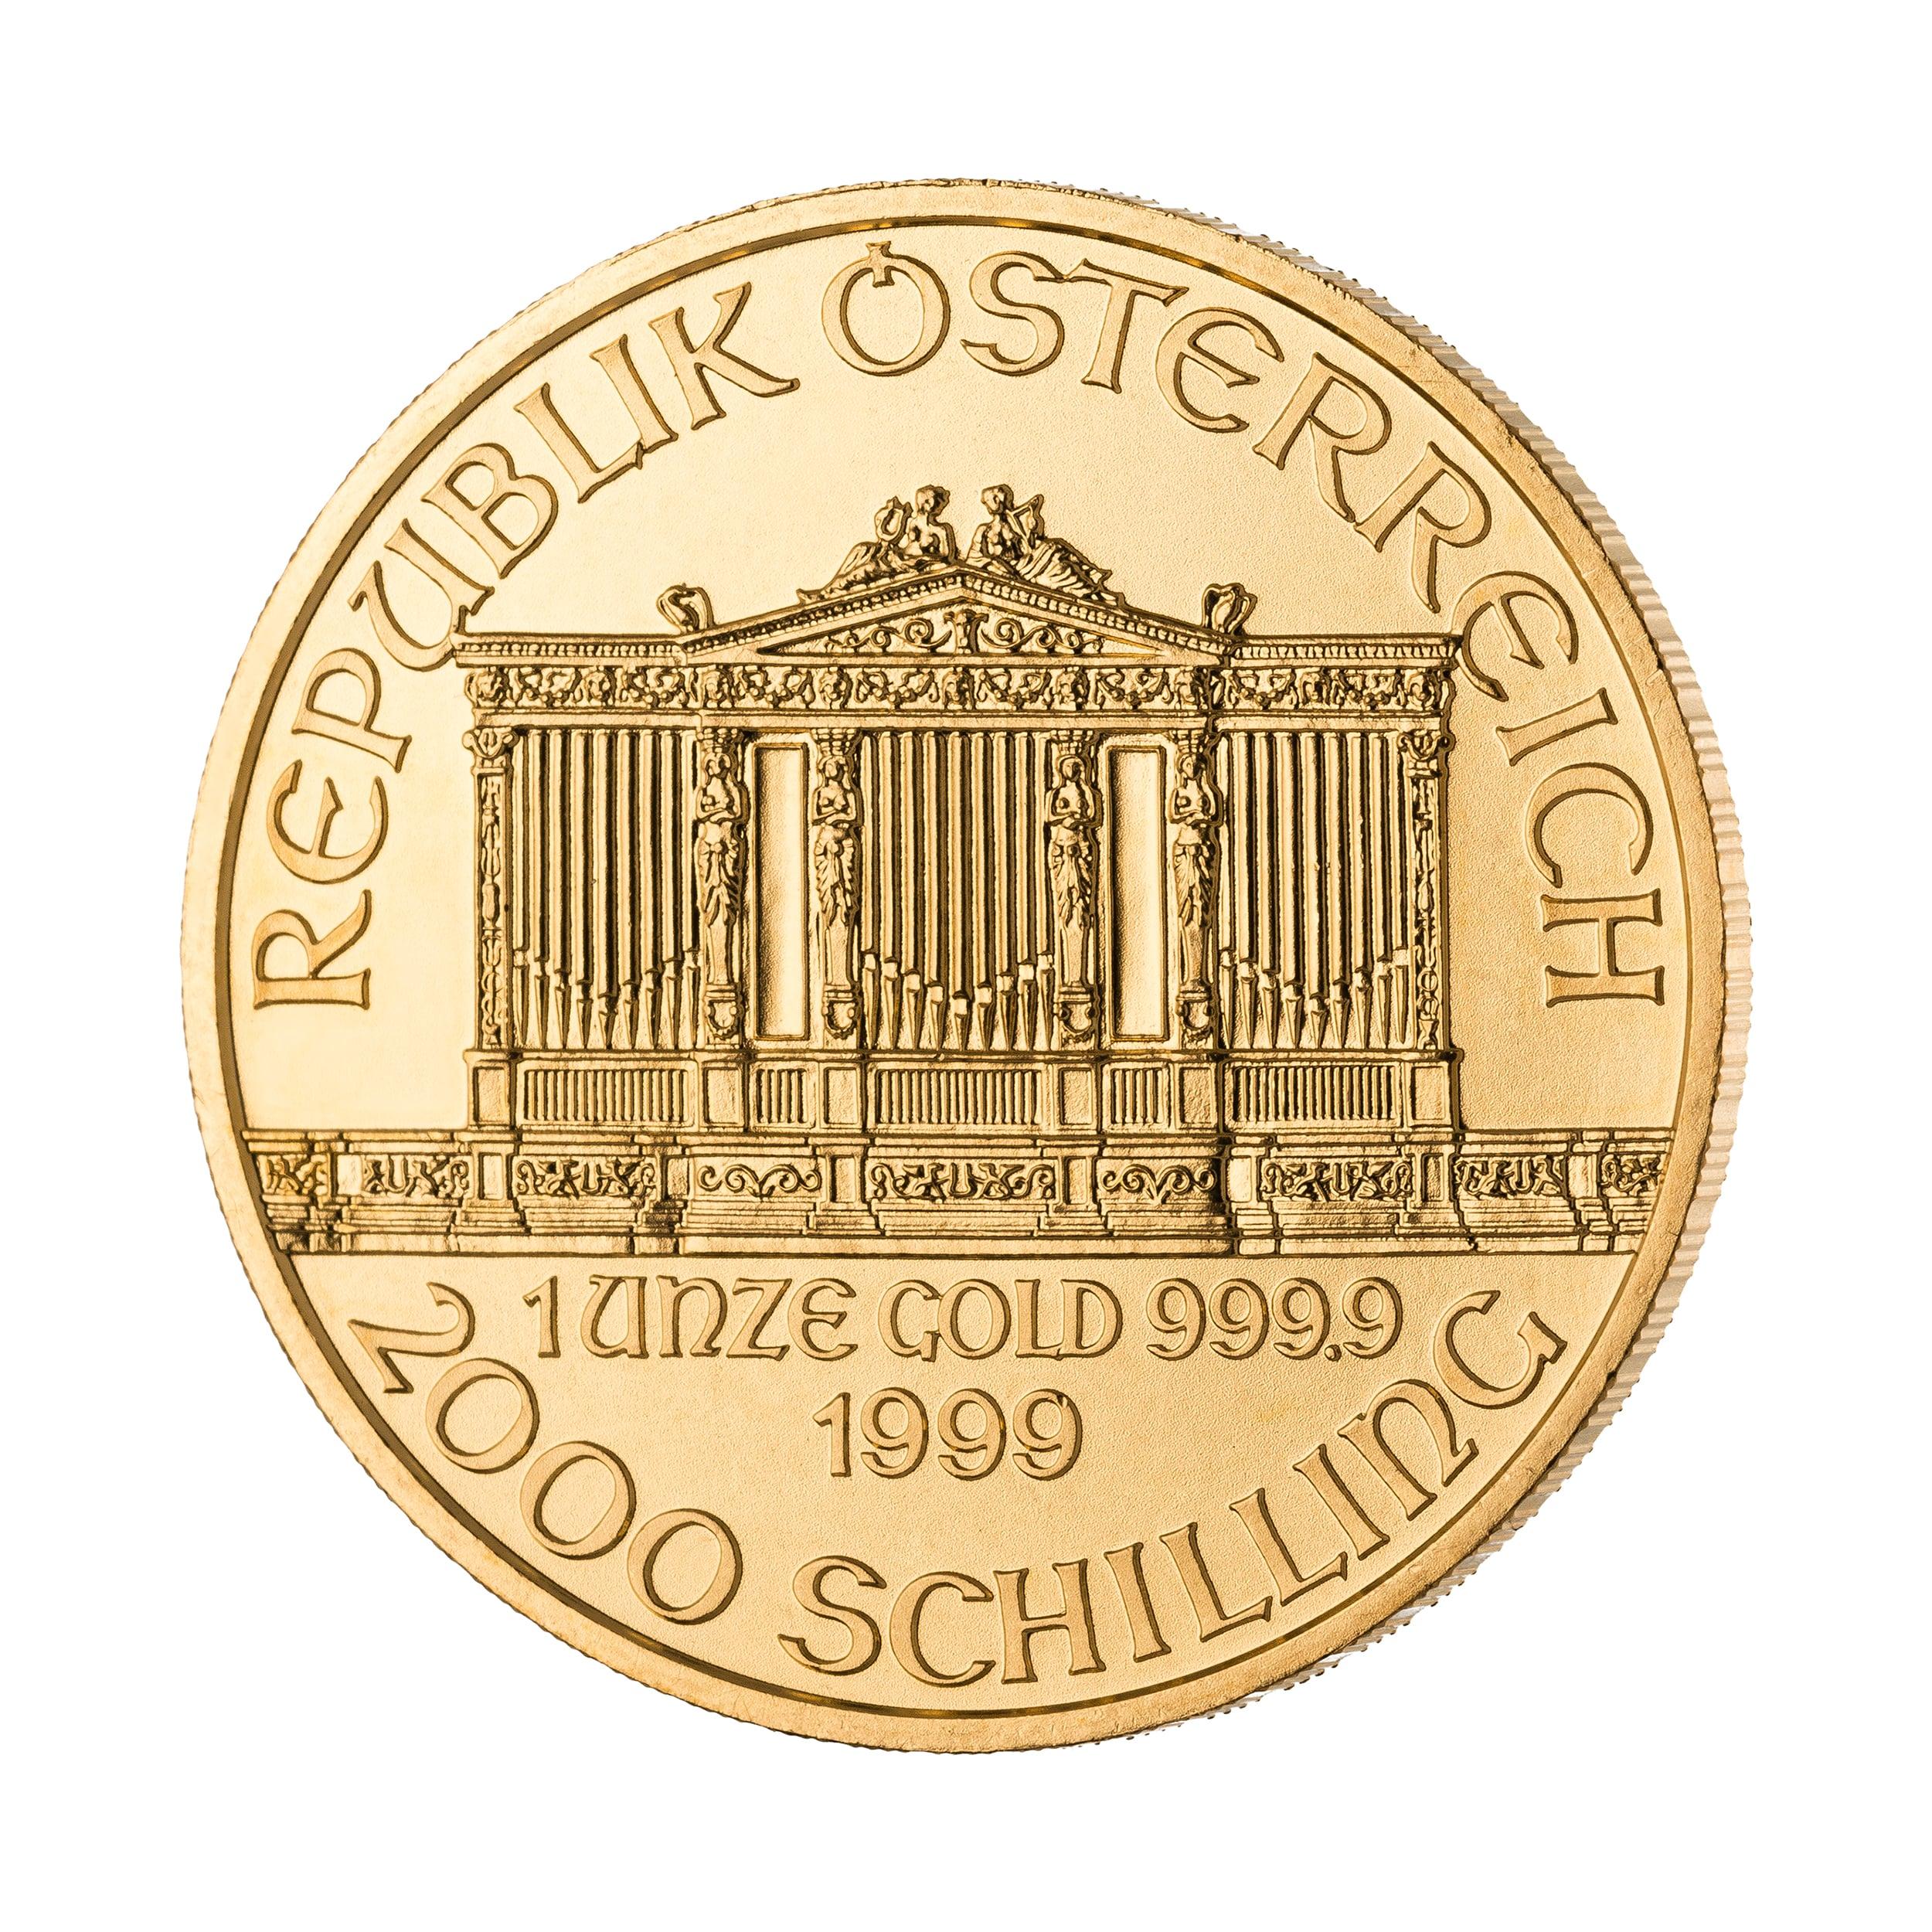 1 Unze Wiener Philharmoniker Goldmünze Vorderseite